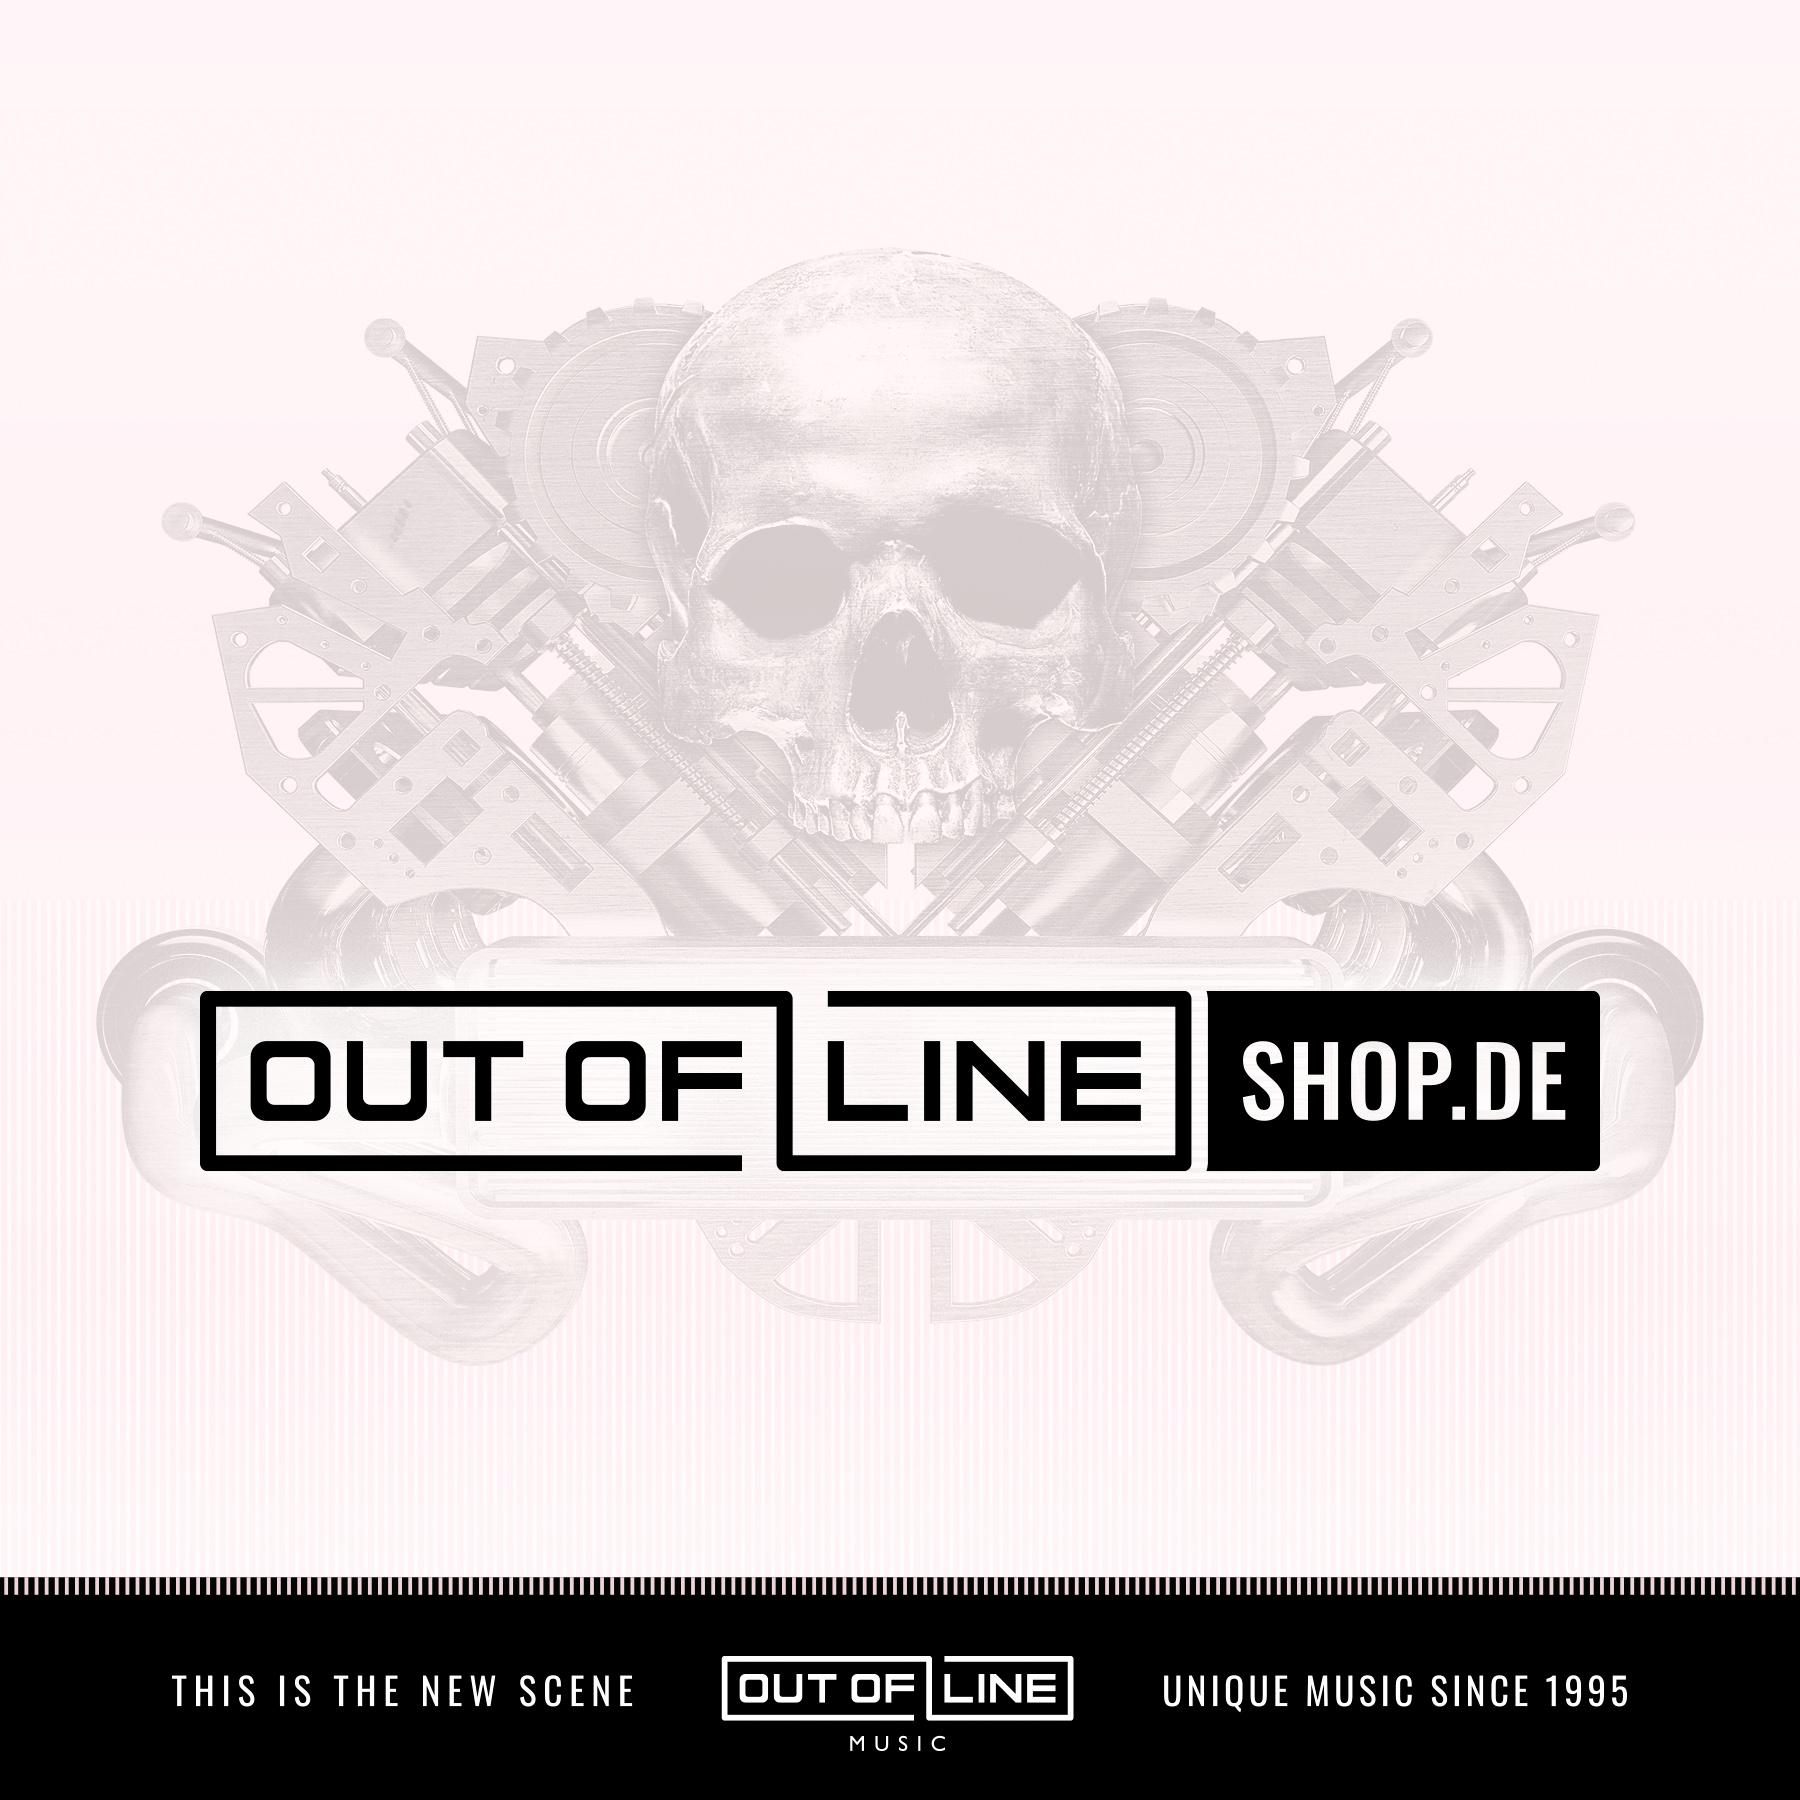 Kaelan Mikla - Nòtt eftir nòtt (Limited Edition) - LP